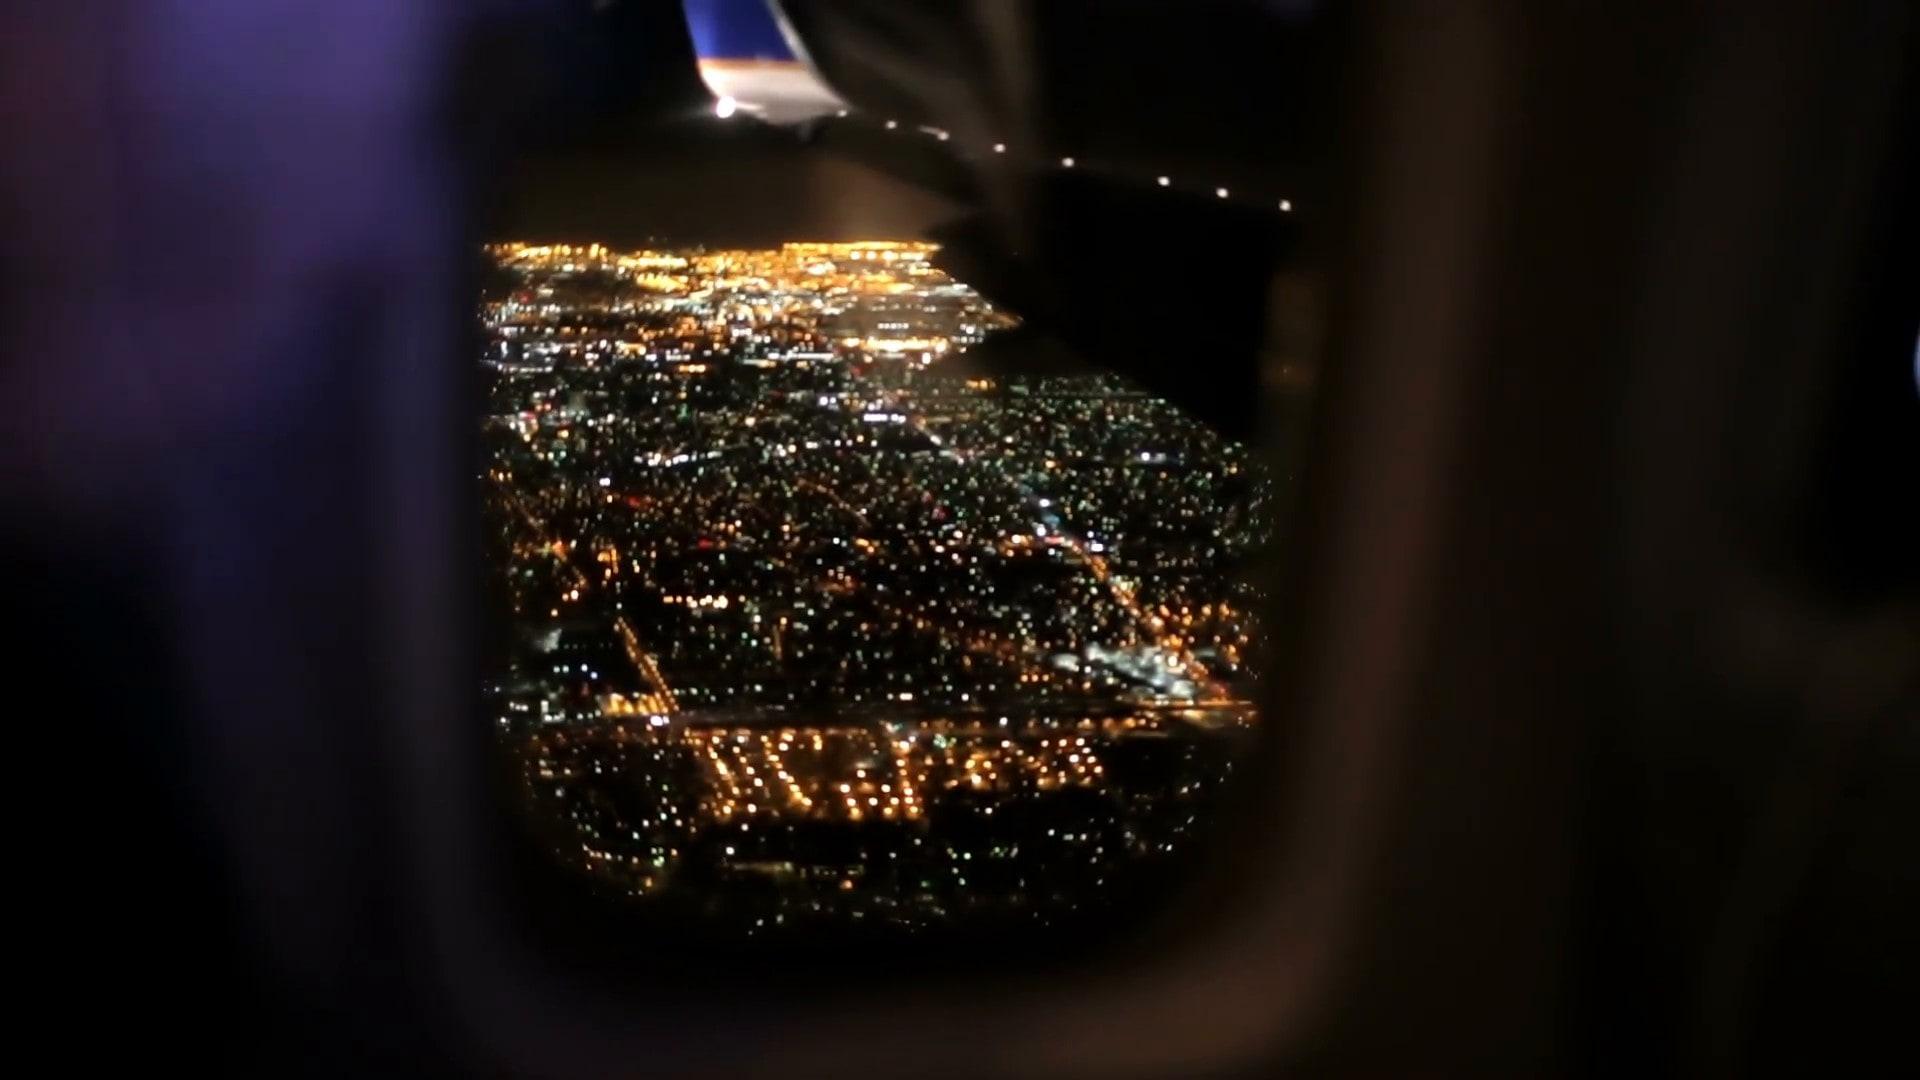 ارزان فصل سفر به مشهد,ارزان فصل سفر به مشهد,ارزان فصل سفر به مشهد,